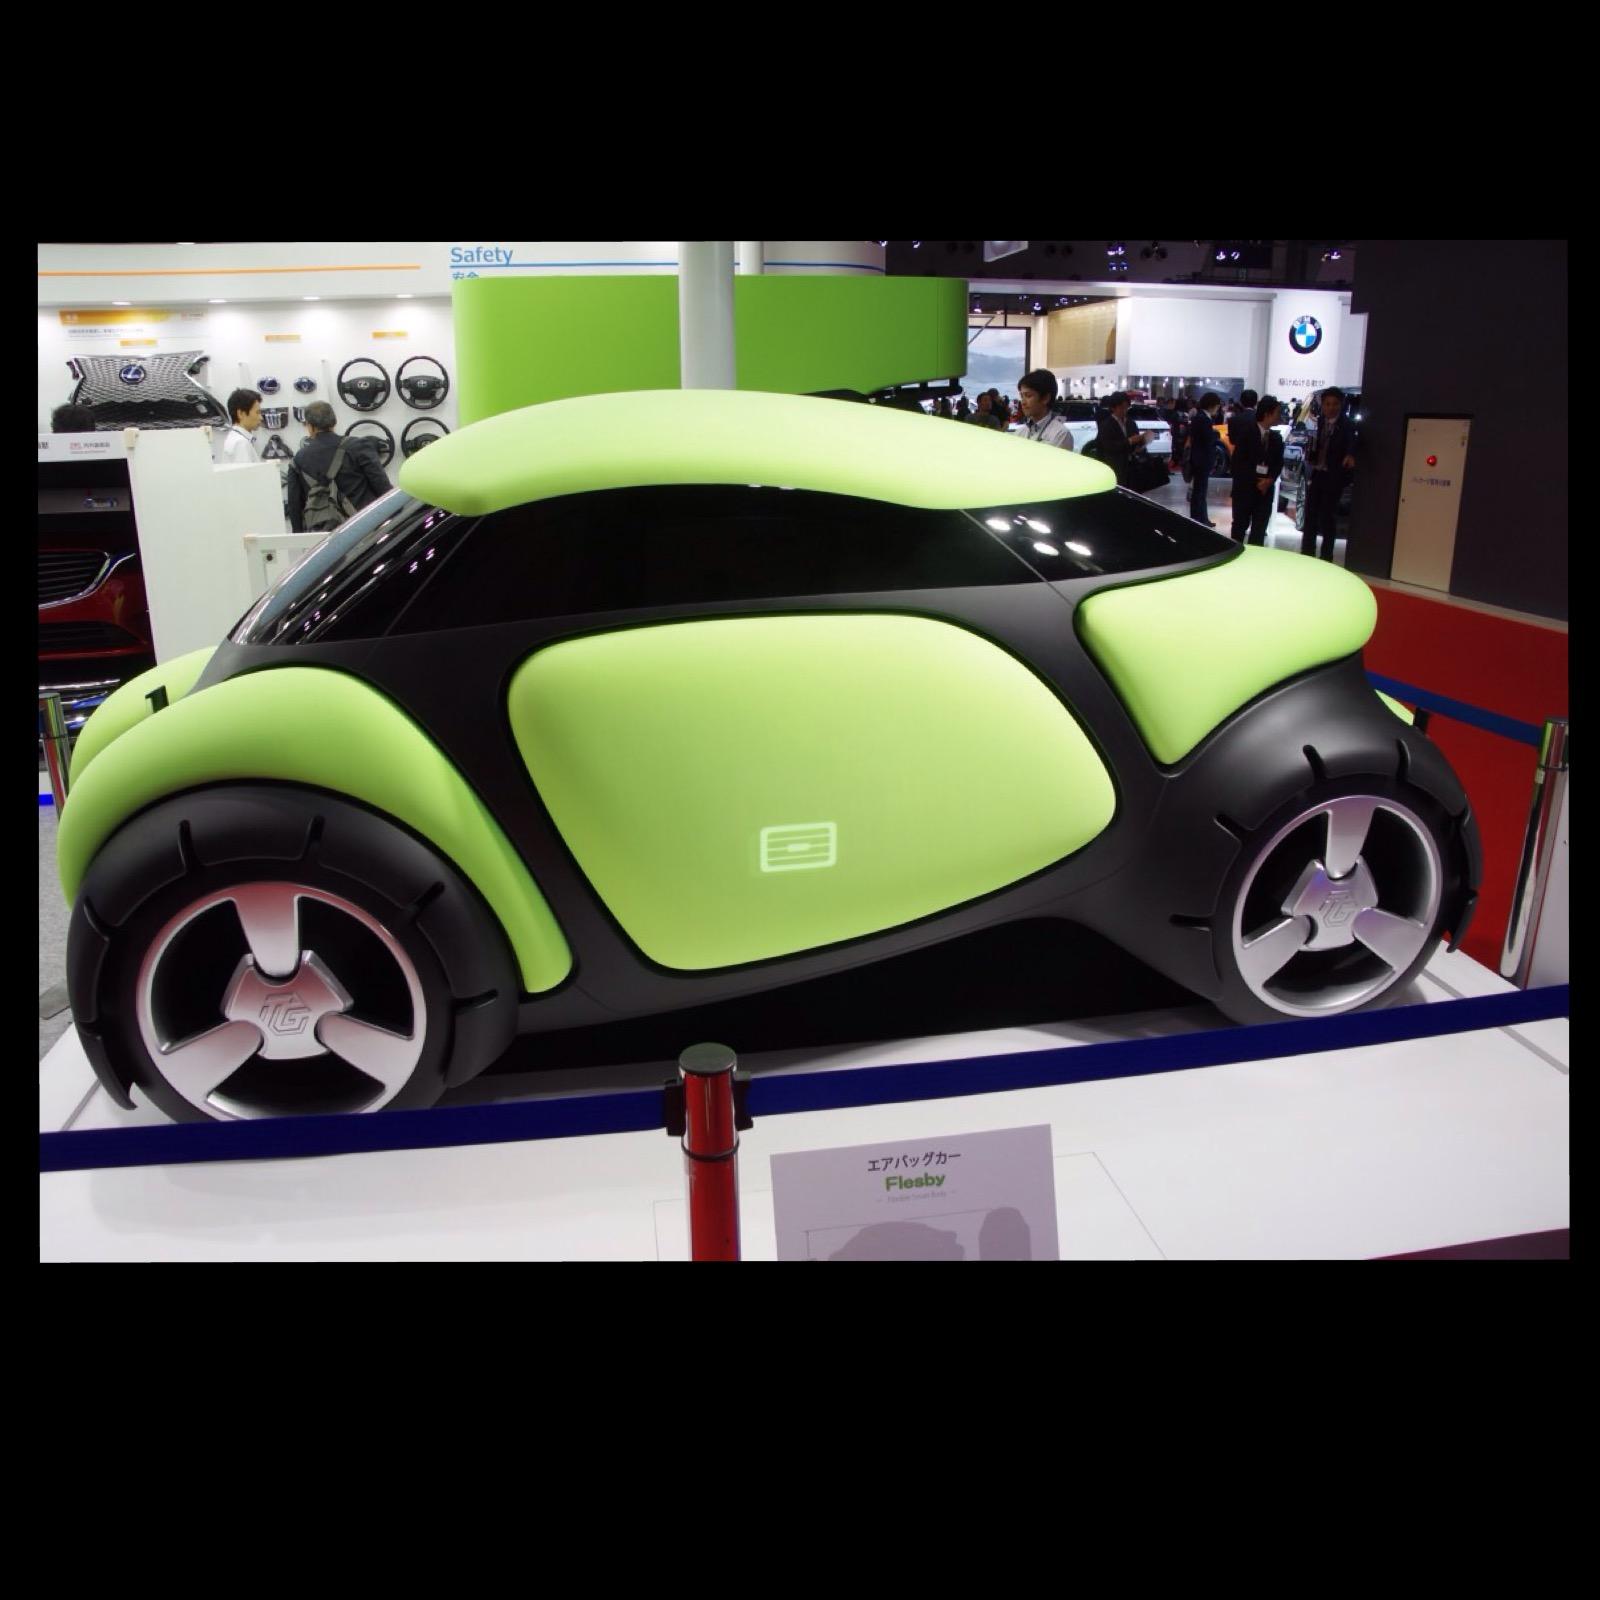 東京モーターショー2015 エアバッグカー